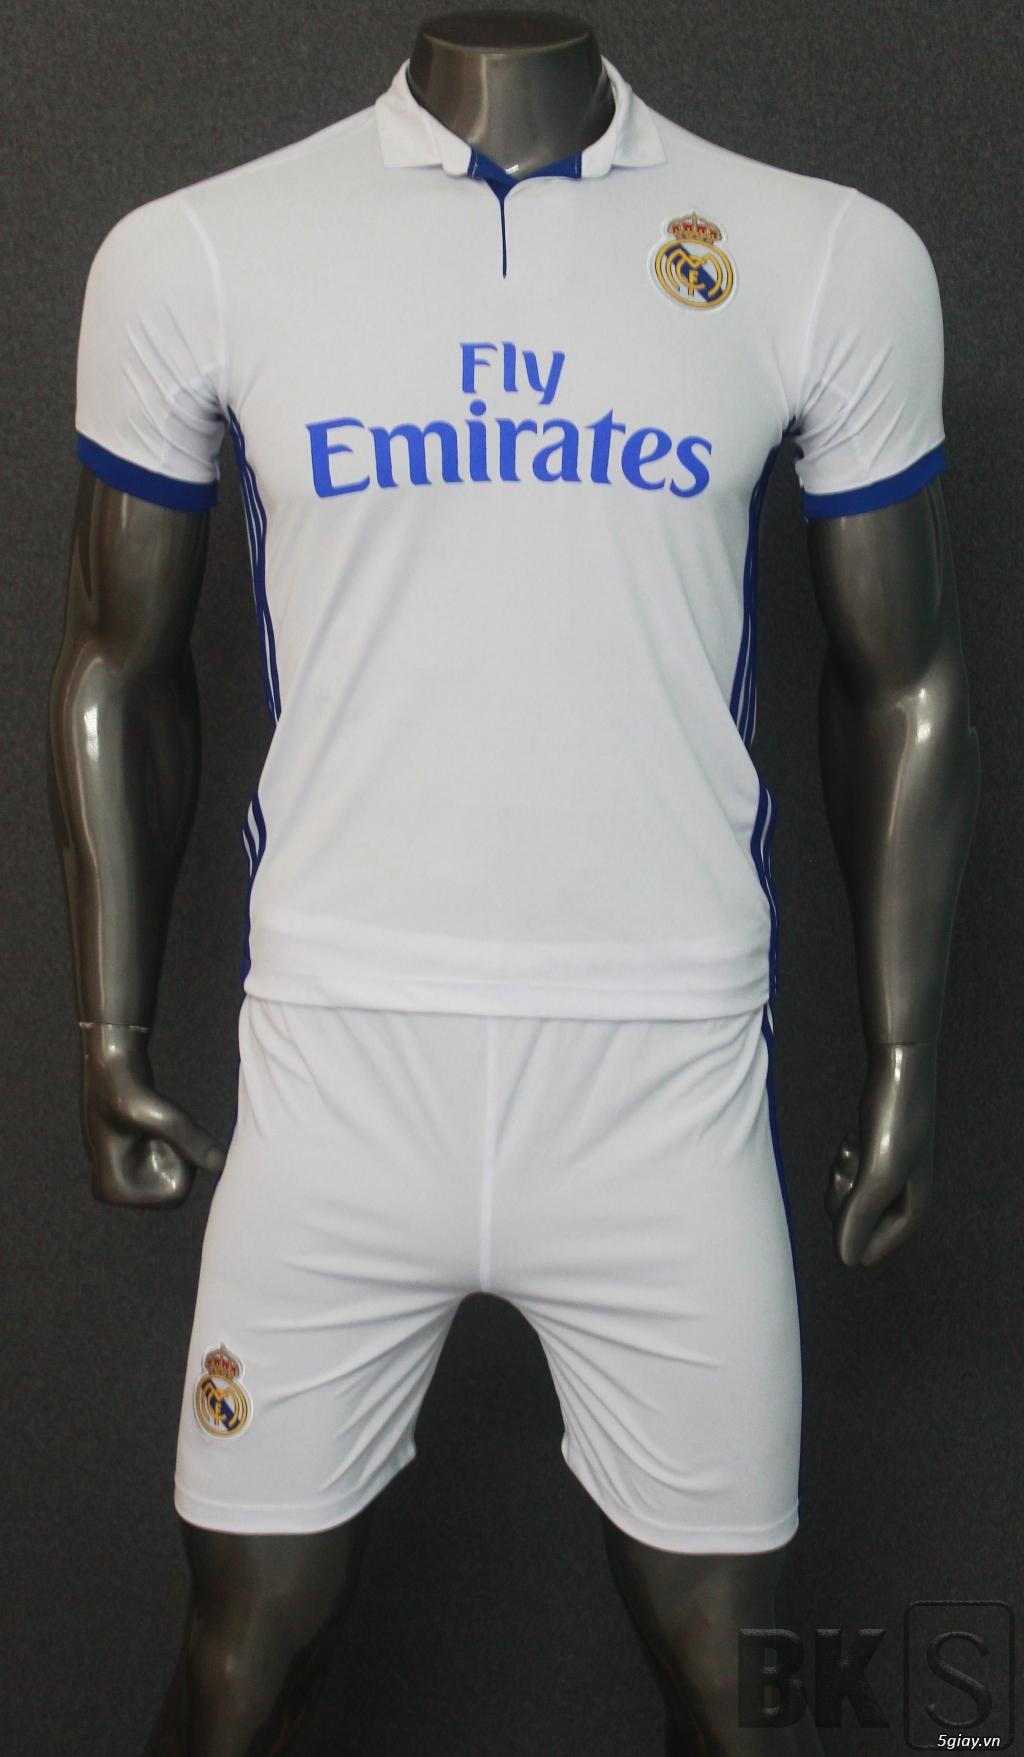 Áo bóng đá HP-địa chỉ gốc sản xuất trang phục thể thao số 1 Việt Nam - 6